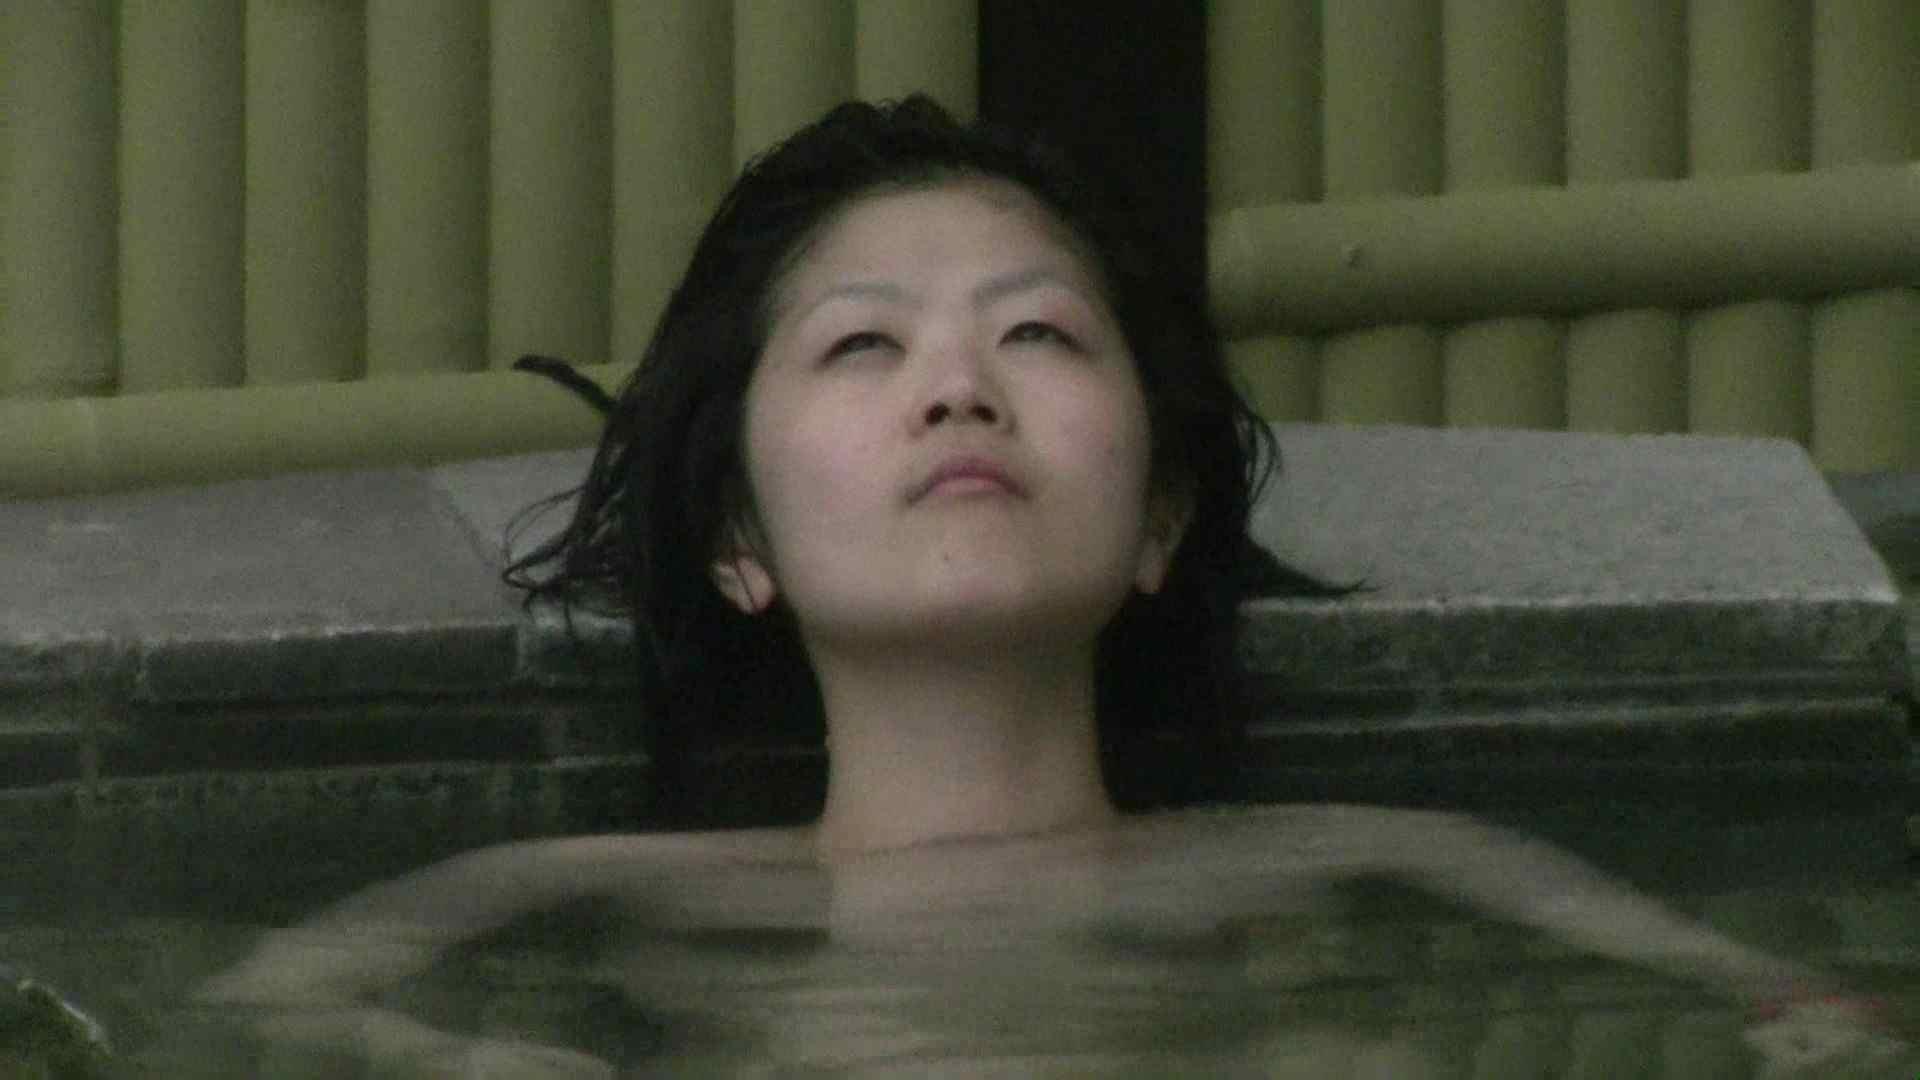 Aquaな露天風呂Vol.538 露天 | 盗撮  48pic 7